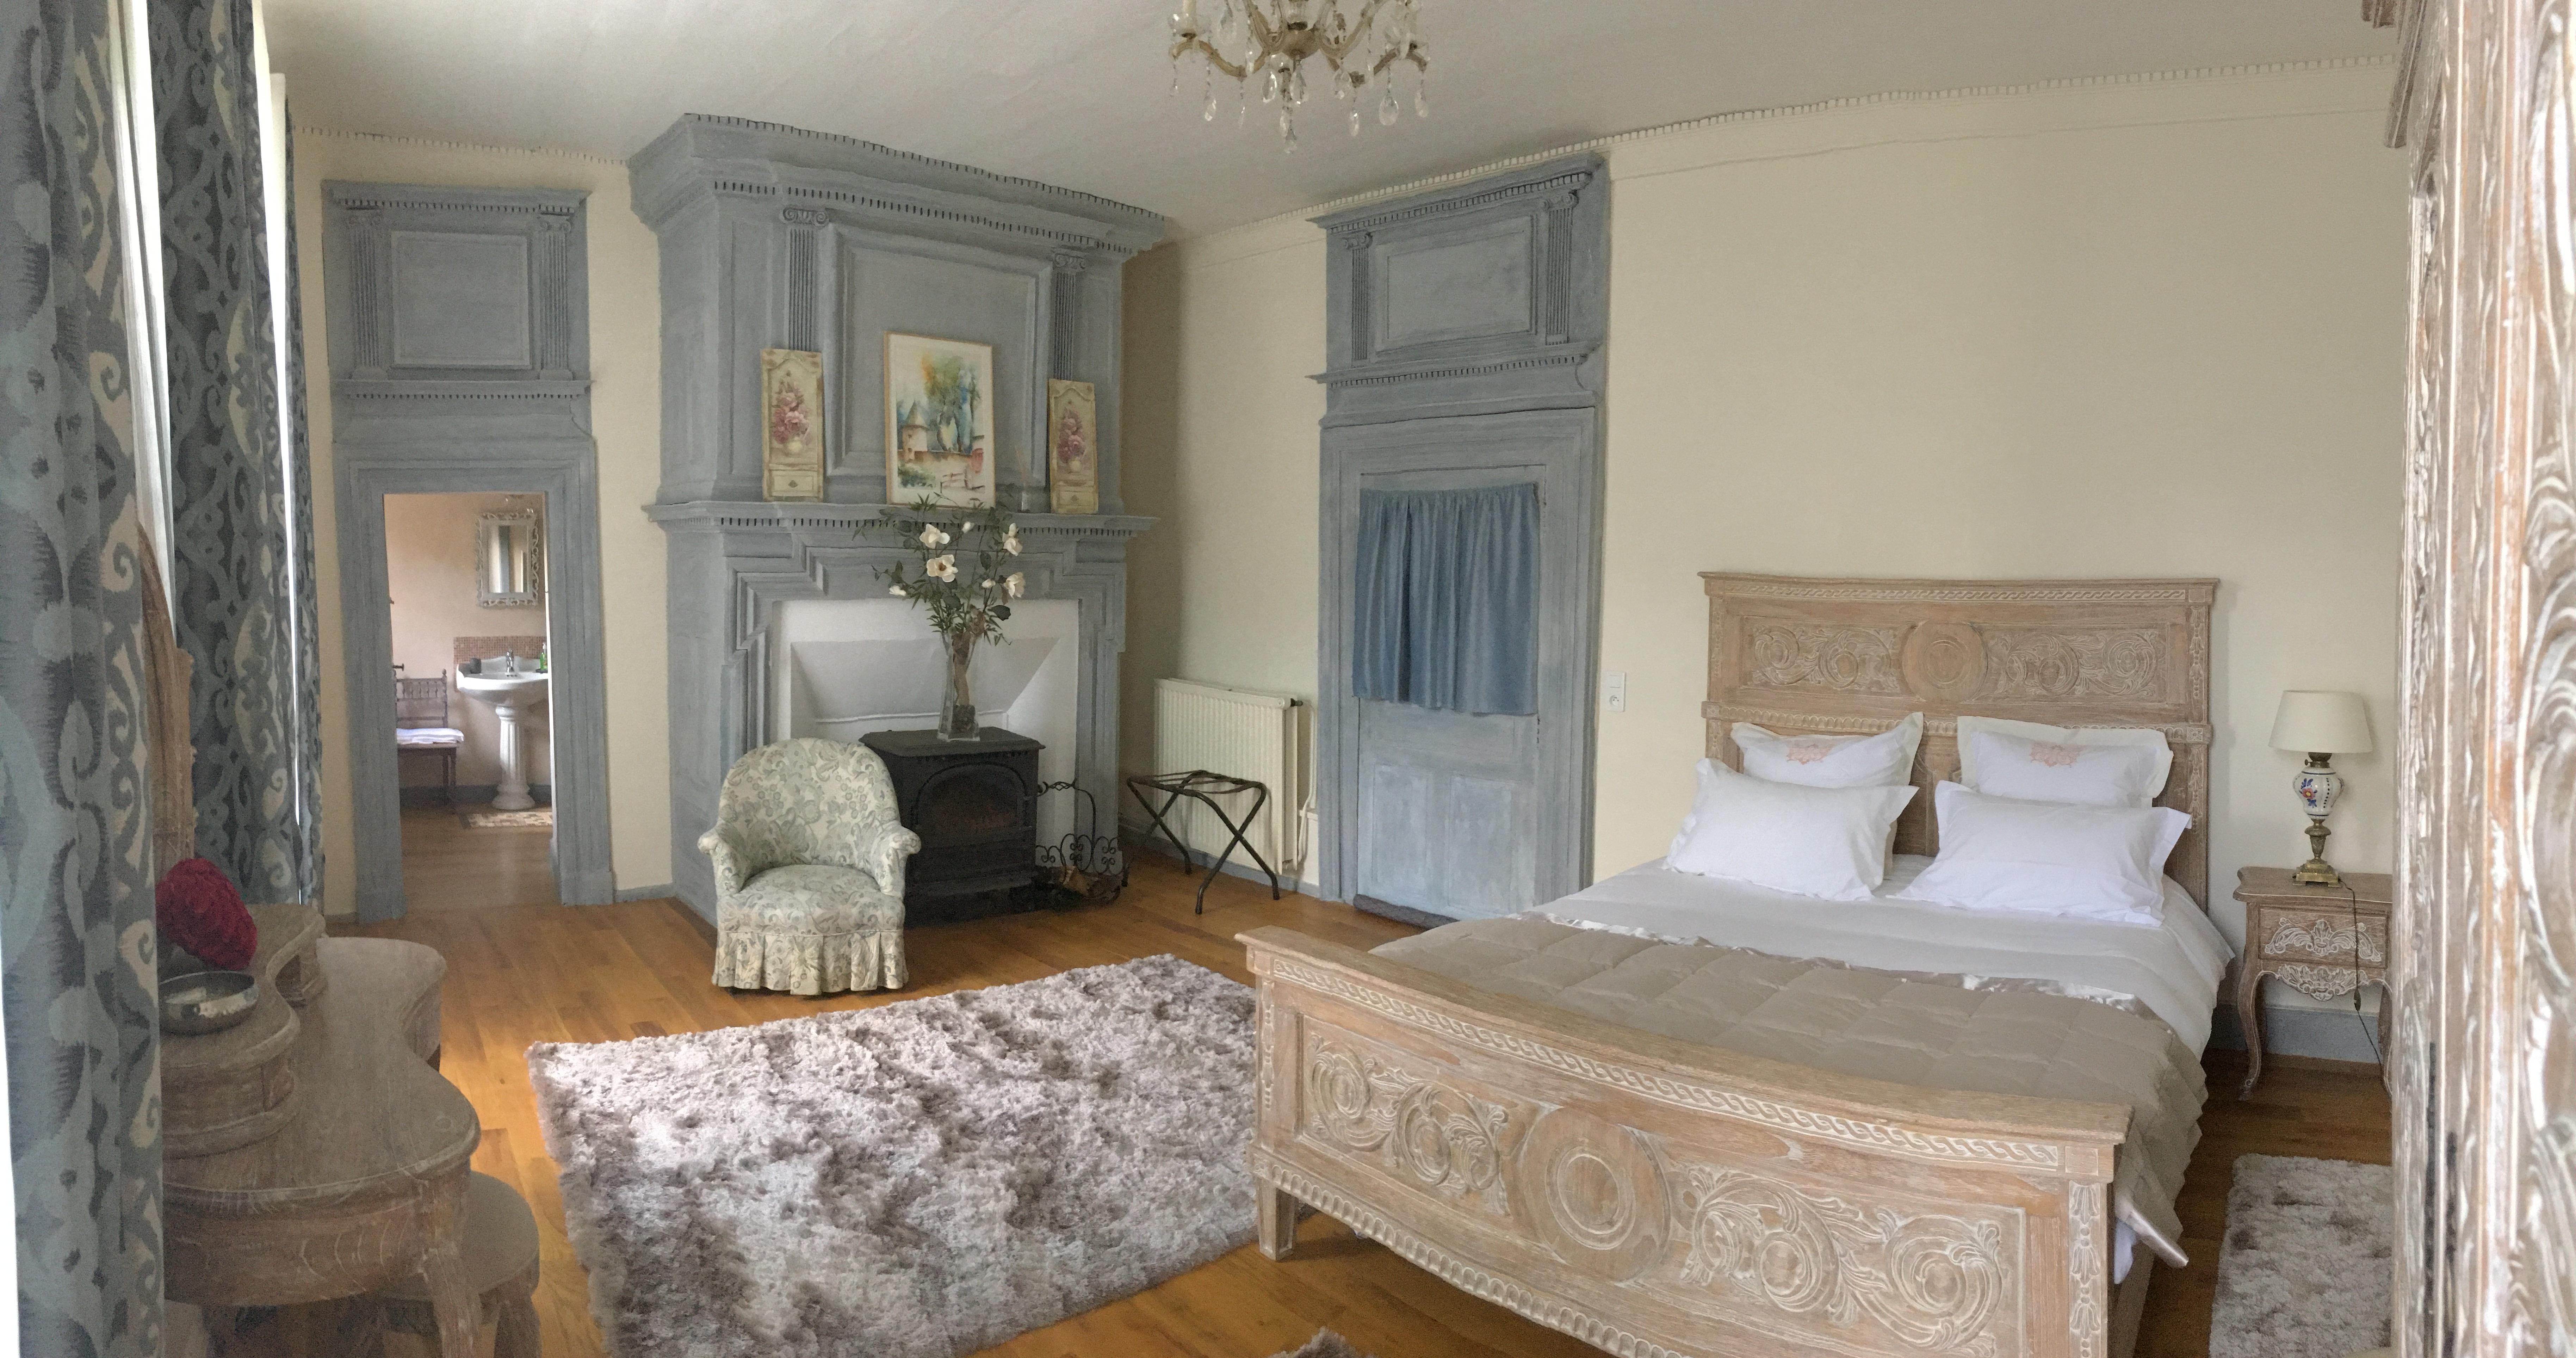 Chateau de vixouze_Suite Nuptiale1